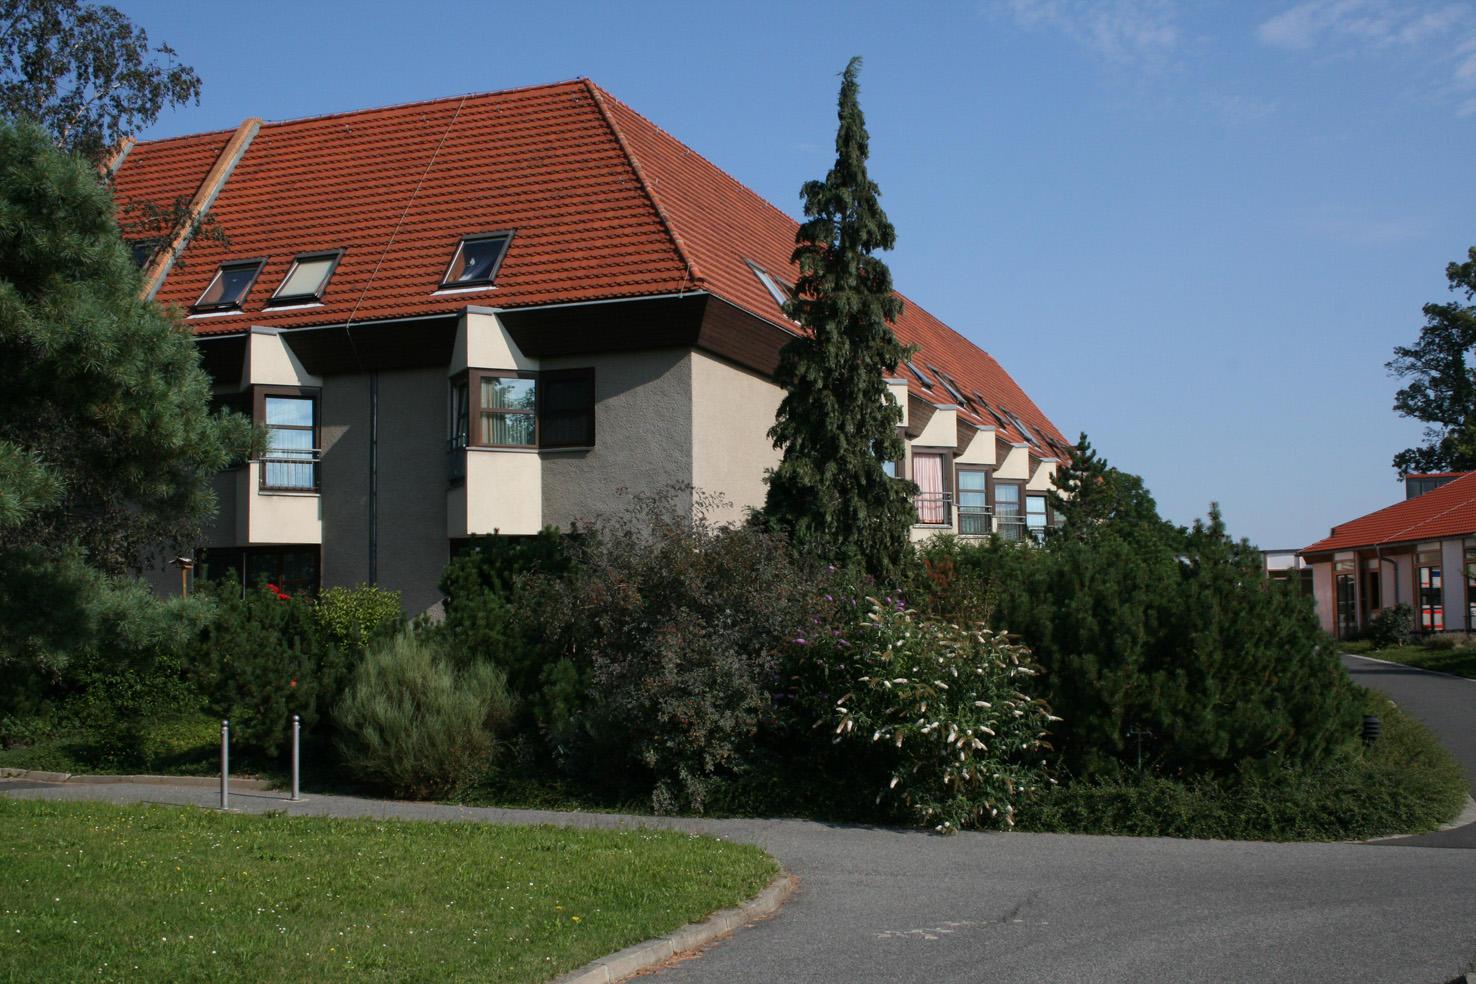 Martinshof Altenpflegeheim Francke Haus